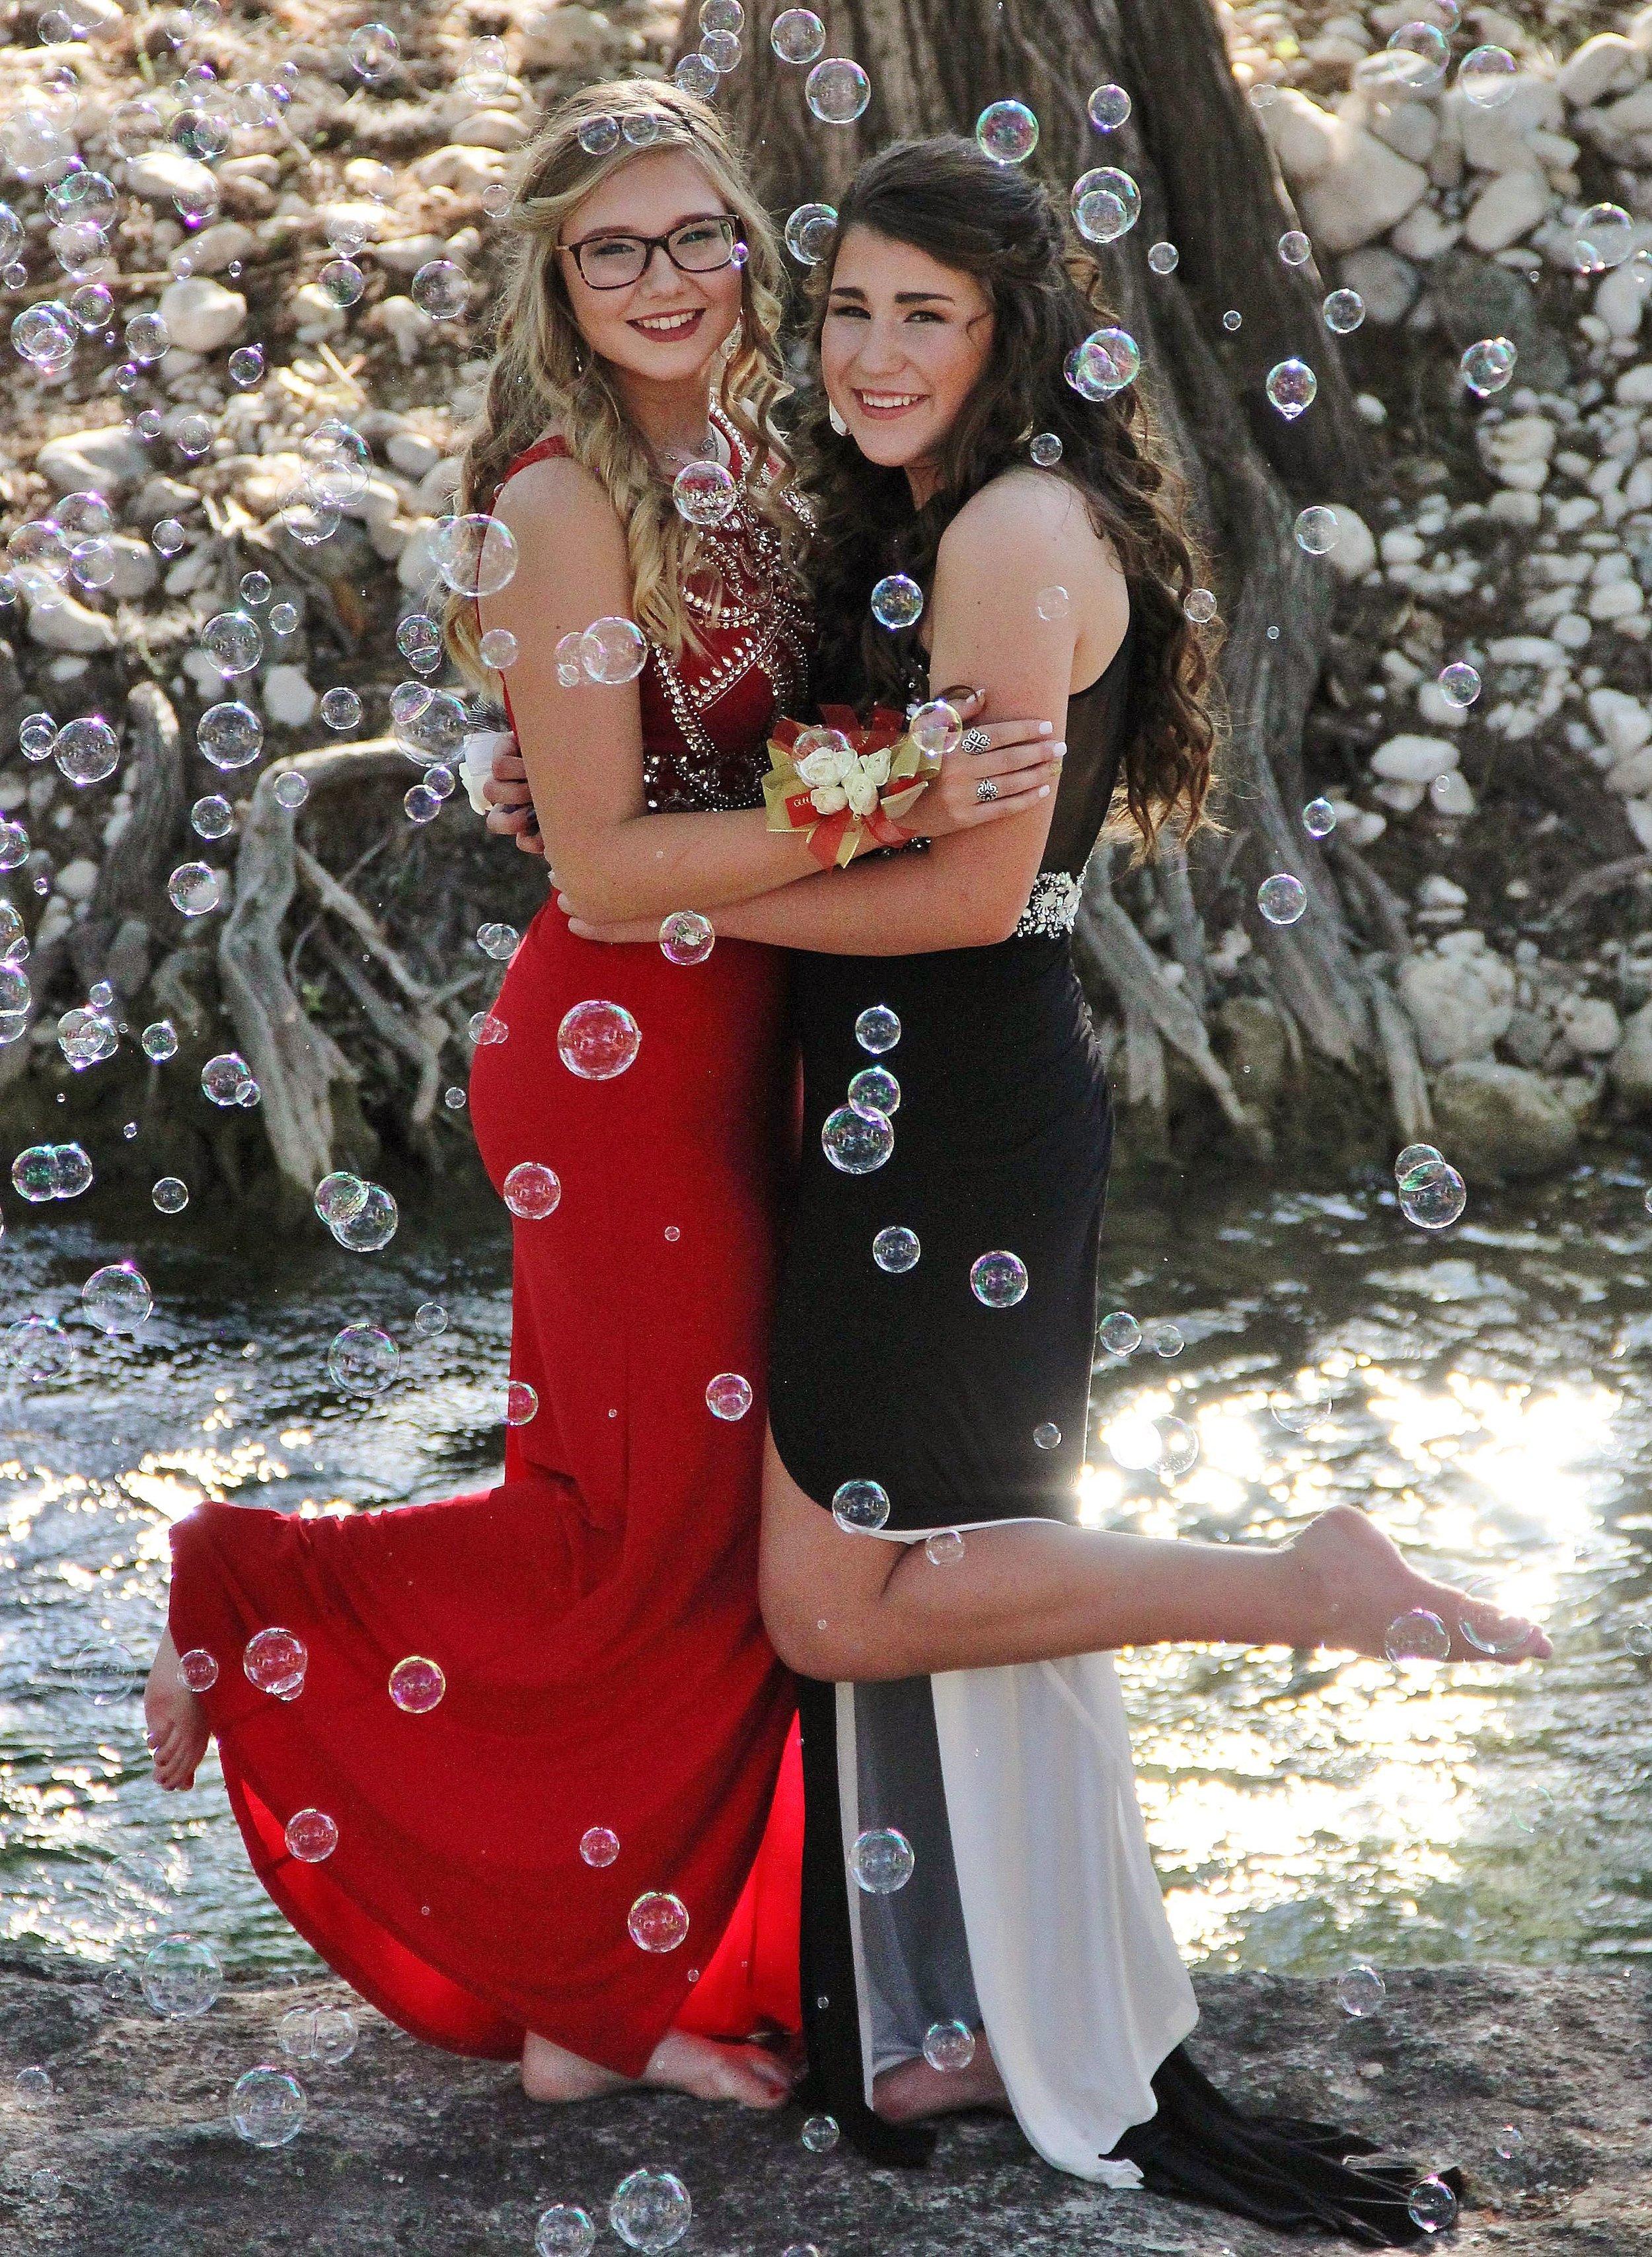 Prom Pics are Better at Rio Bella